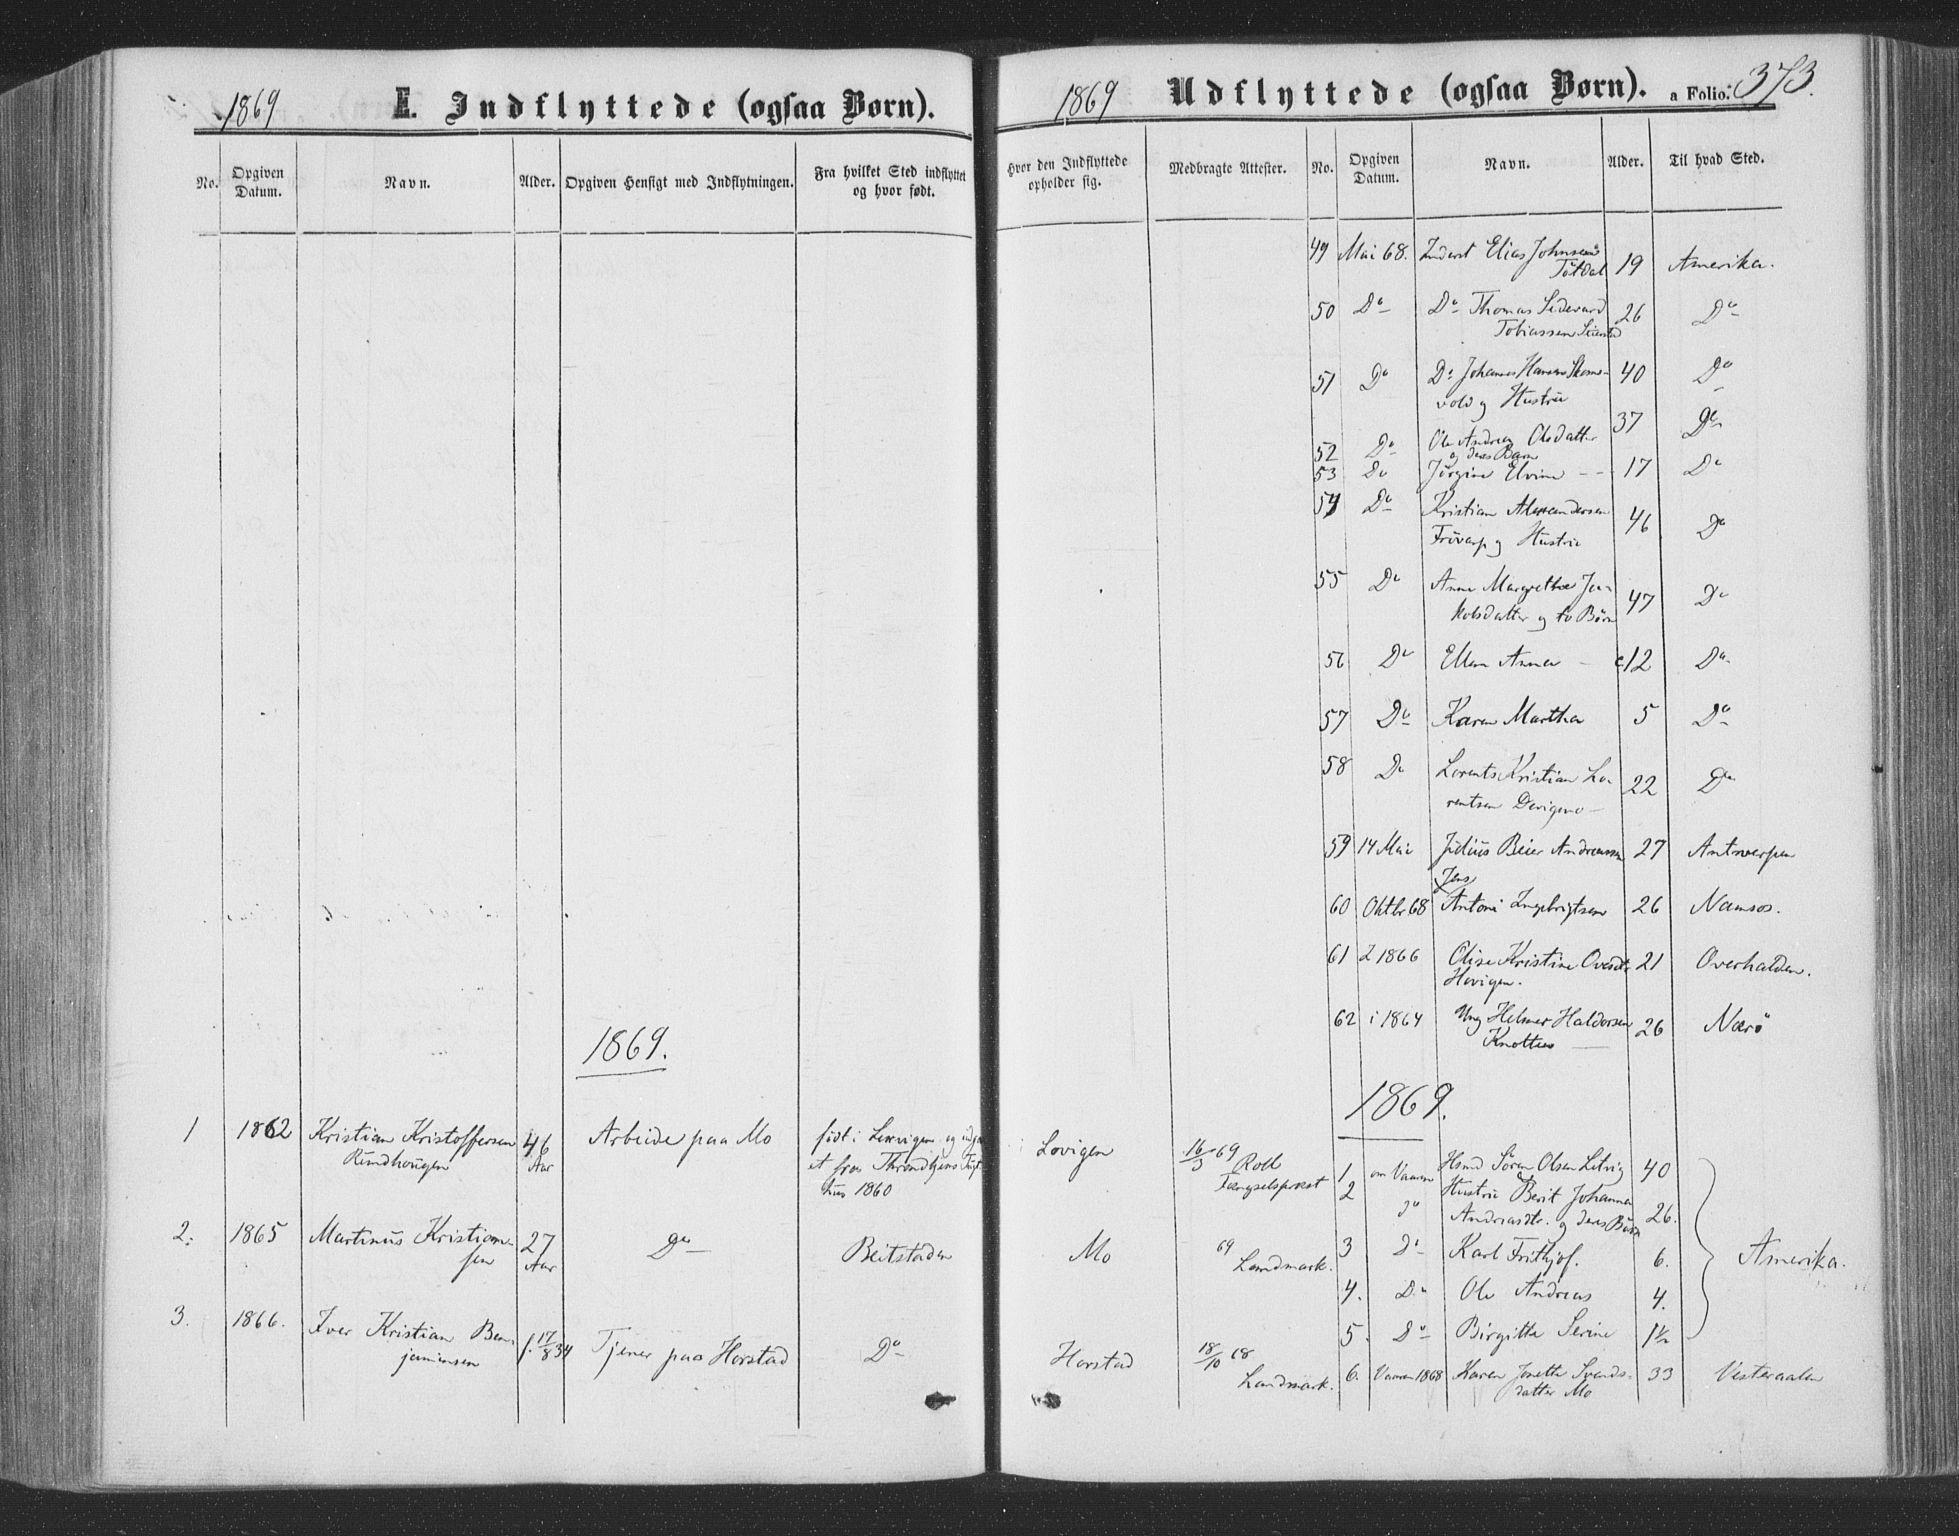 SAT, Ministerialprotokoller, klokkerbøker og fødselsregistre - Nord-Trøndelag, 773/L0615: Ministerialbok nr. 773A06, 1857-1870, s. 373